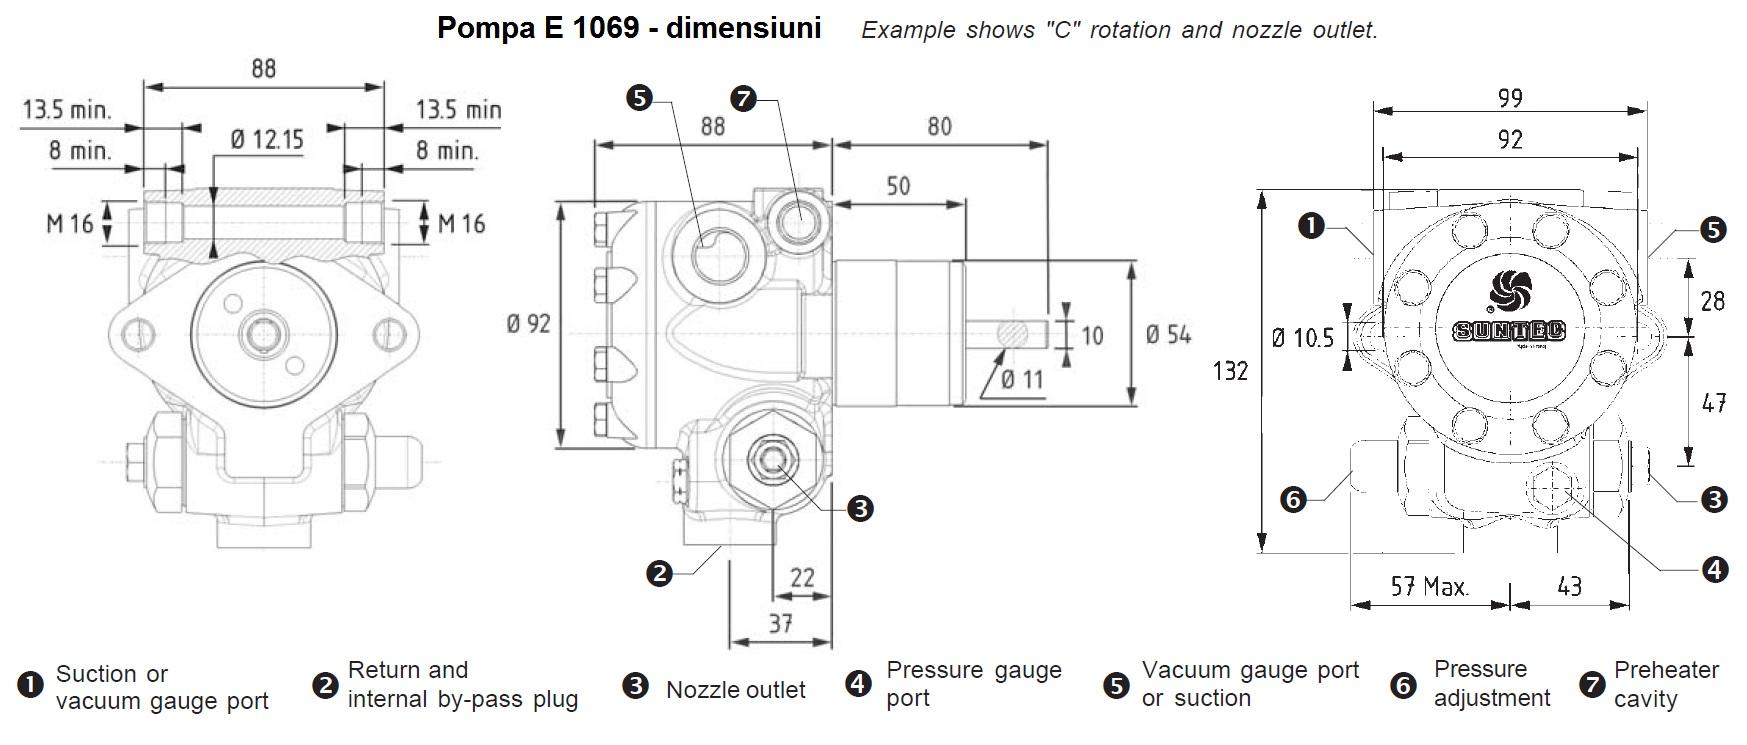 Pompa combustibil SUNTEC E - dimensiuni